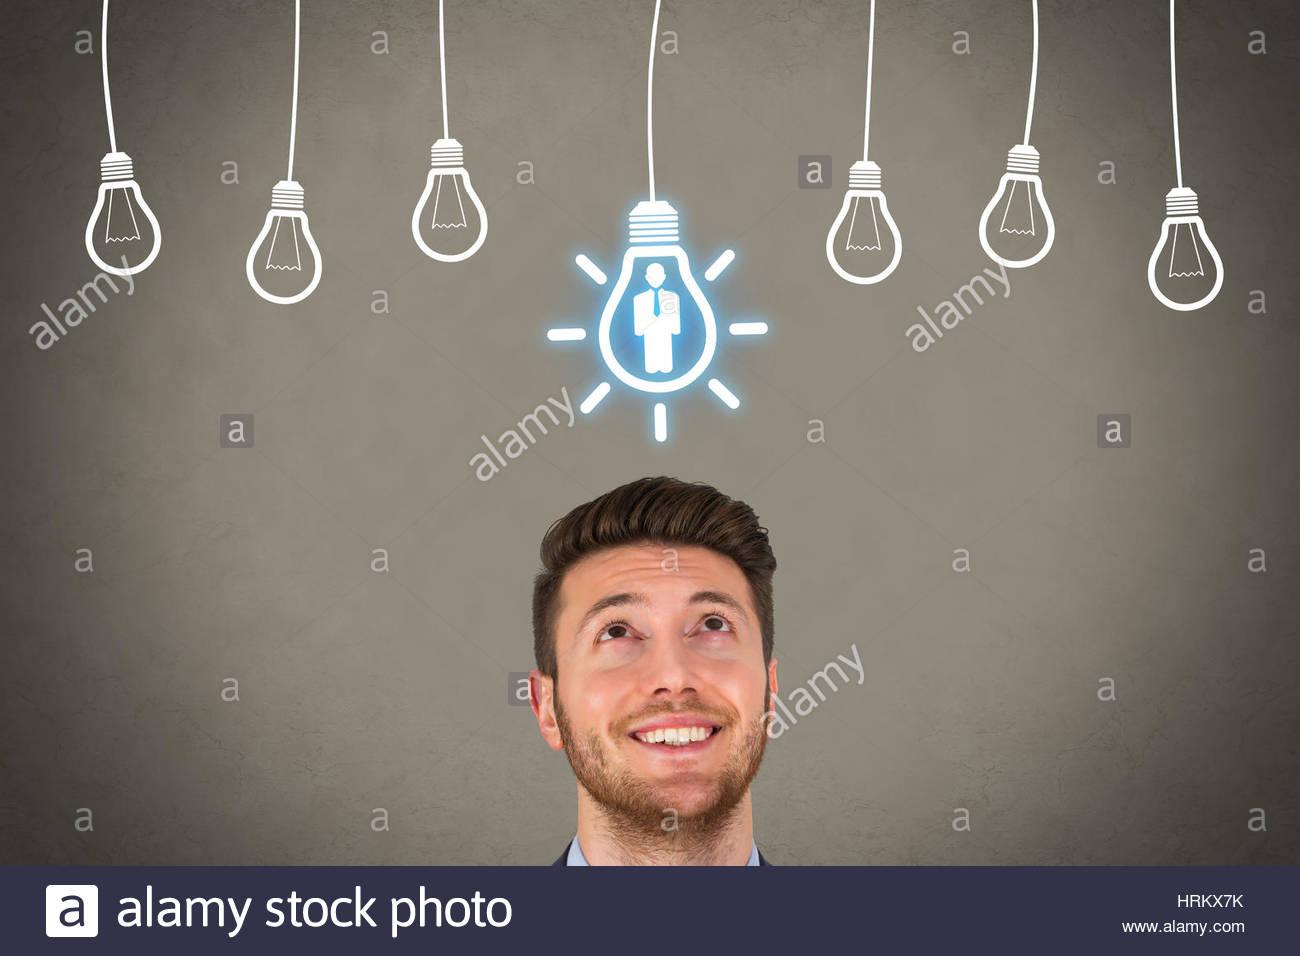 Rekrutierung und Idee über menschliche Kopf Stockbild